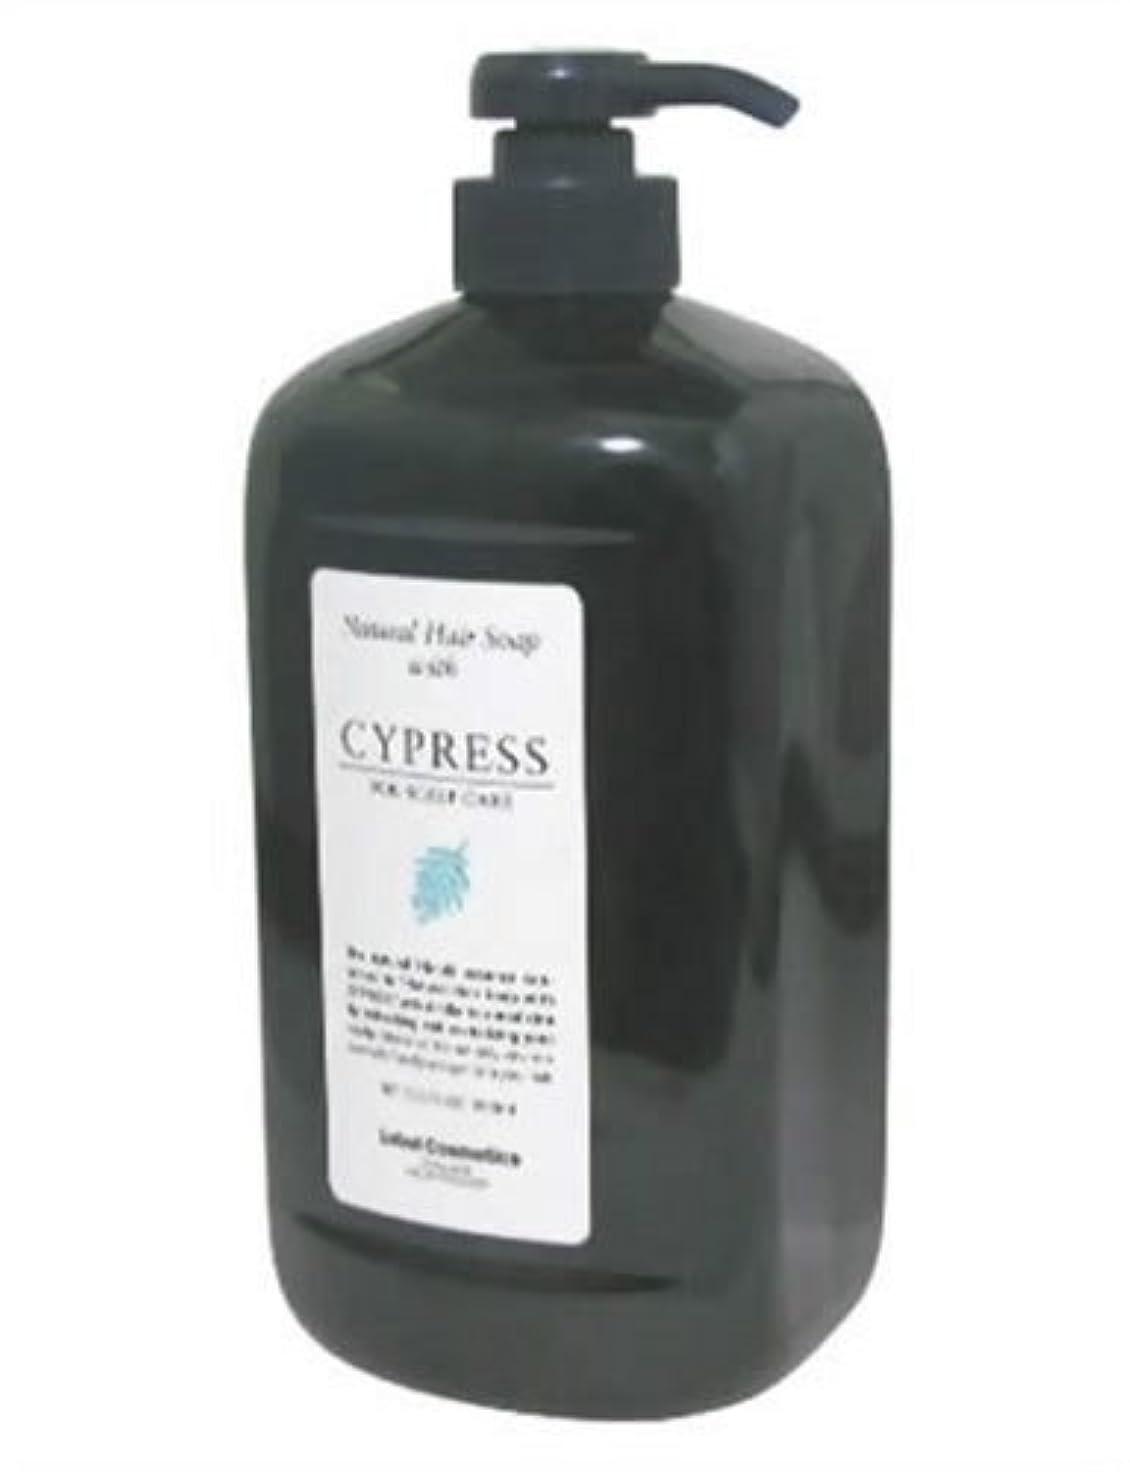 ルベル ナチュラルヘアソープ ウイズ CY(サイプレス) シャンプー 1000ml